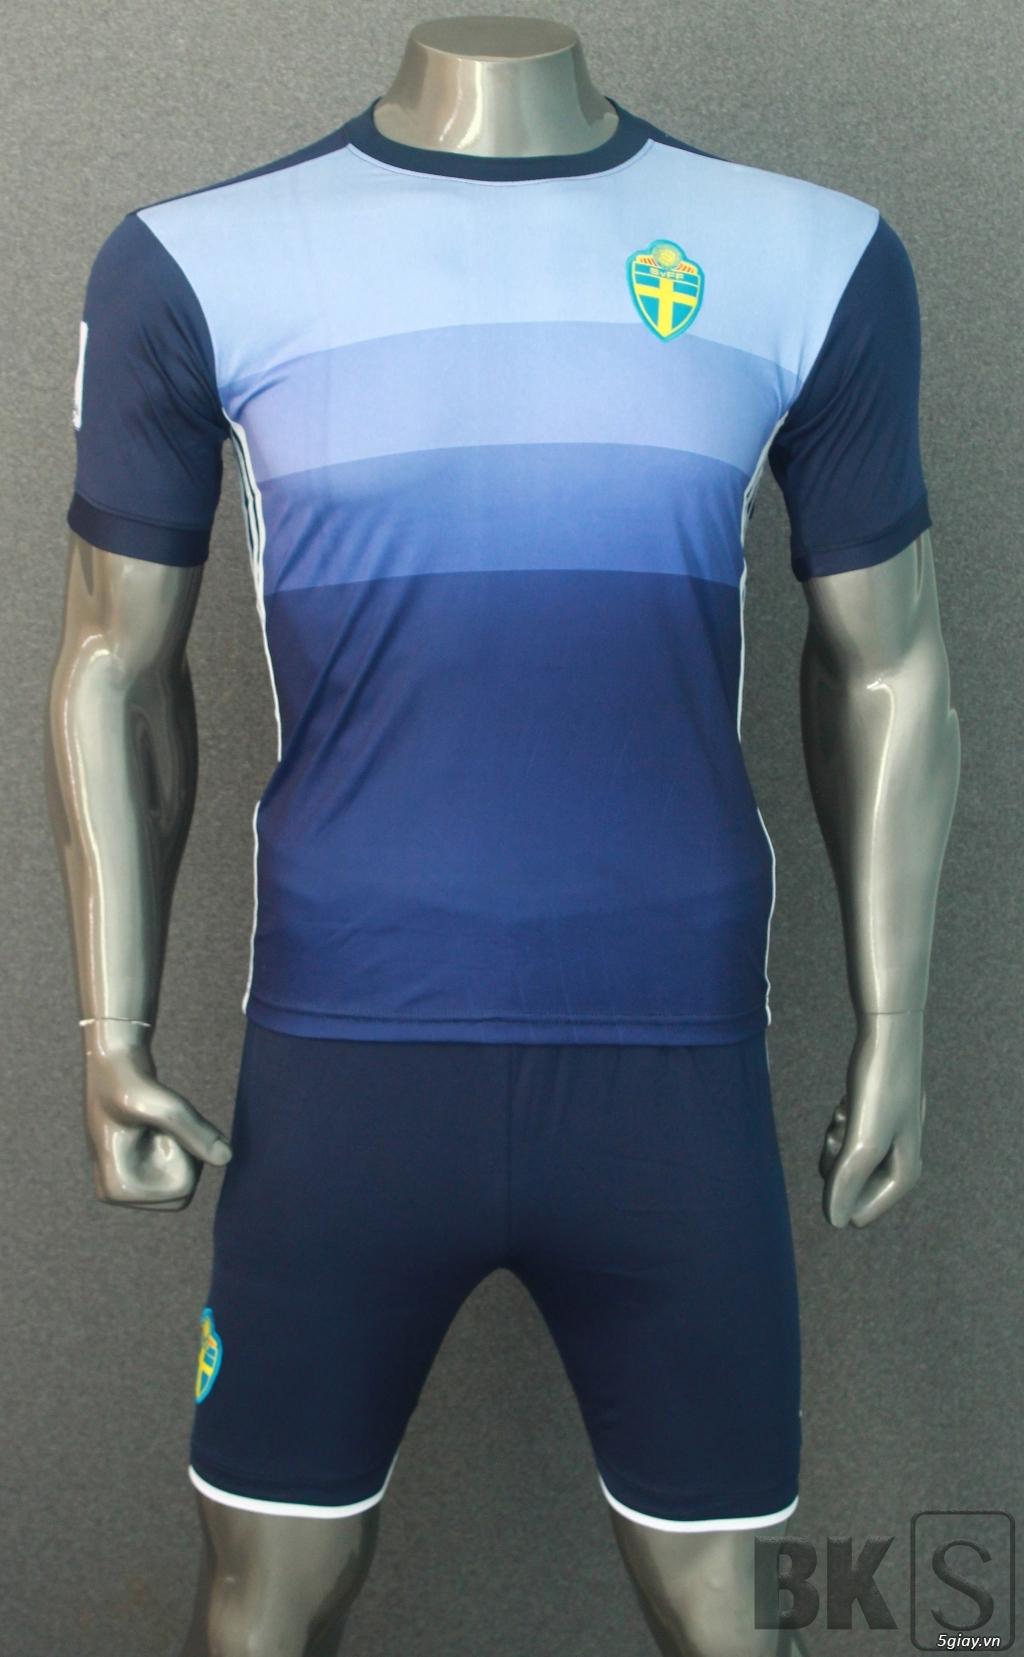 Áo bóng đá HP-địa chỉ gốc sản xuất trang phục thể thao số 1 Việt Nam - 36